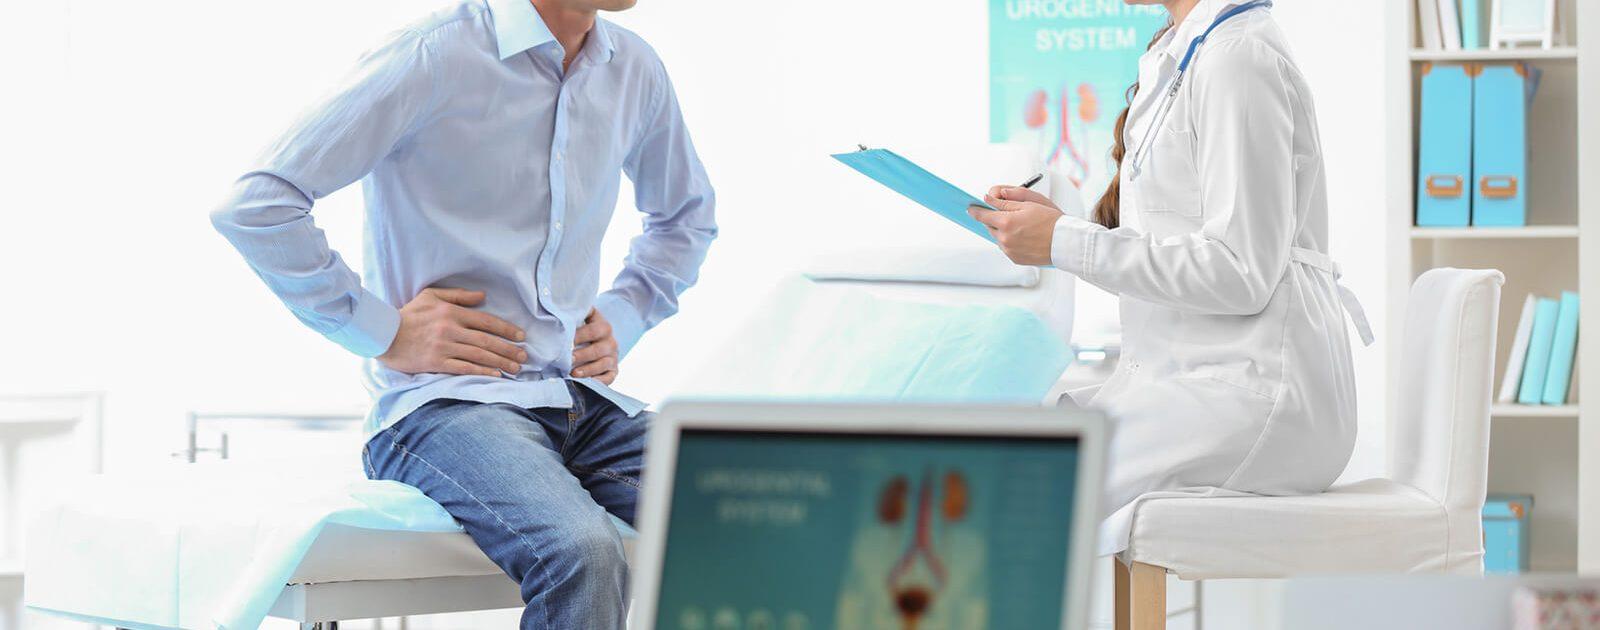 Patient mit Arzt bei der Untersuchung von urologischen Beschwerden